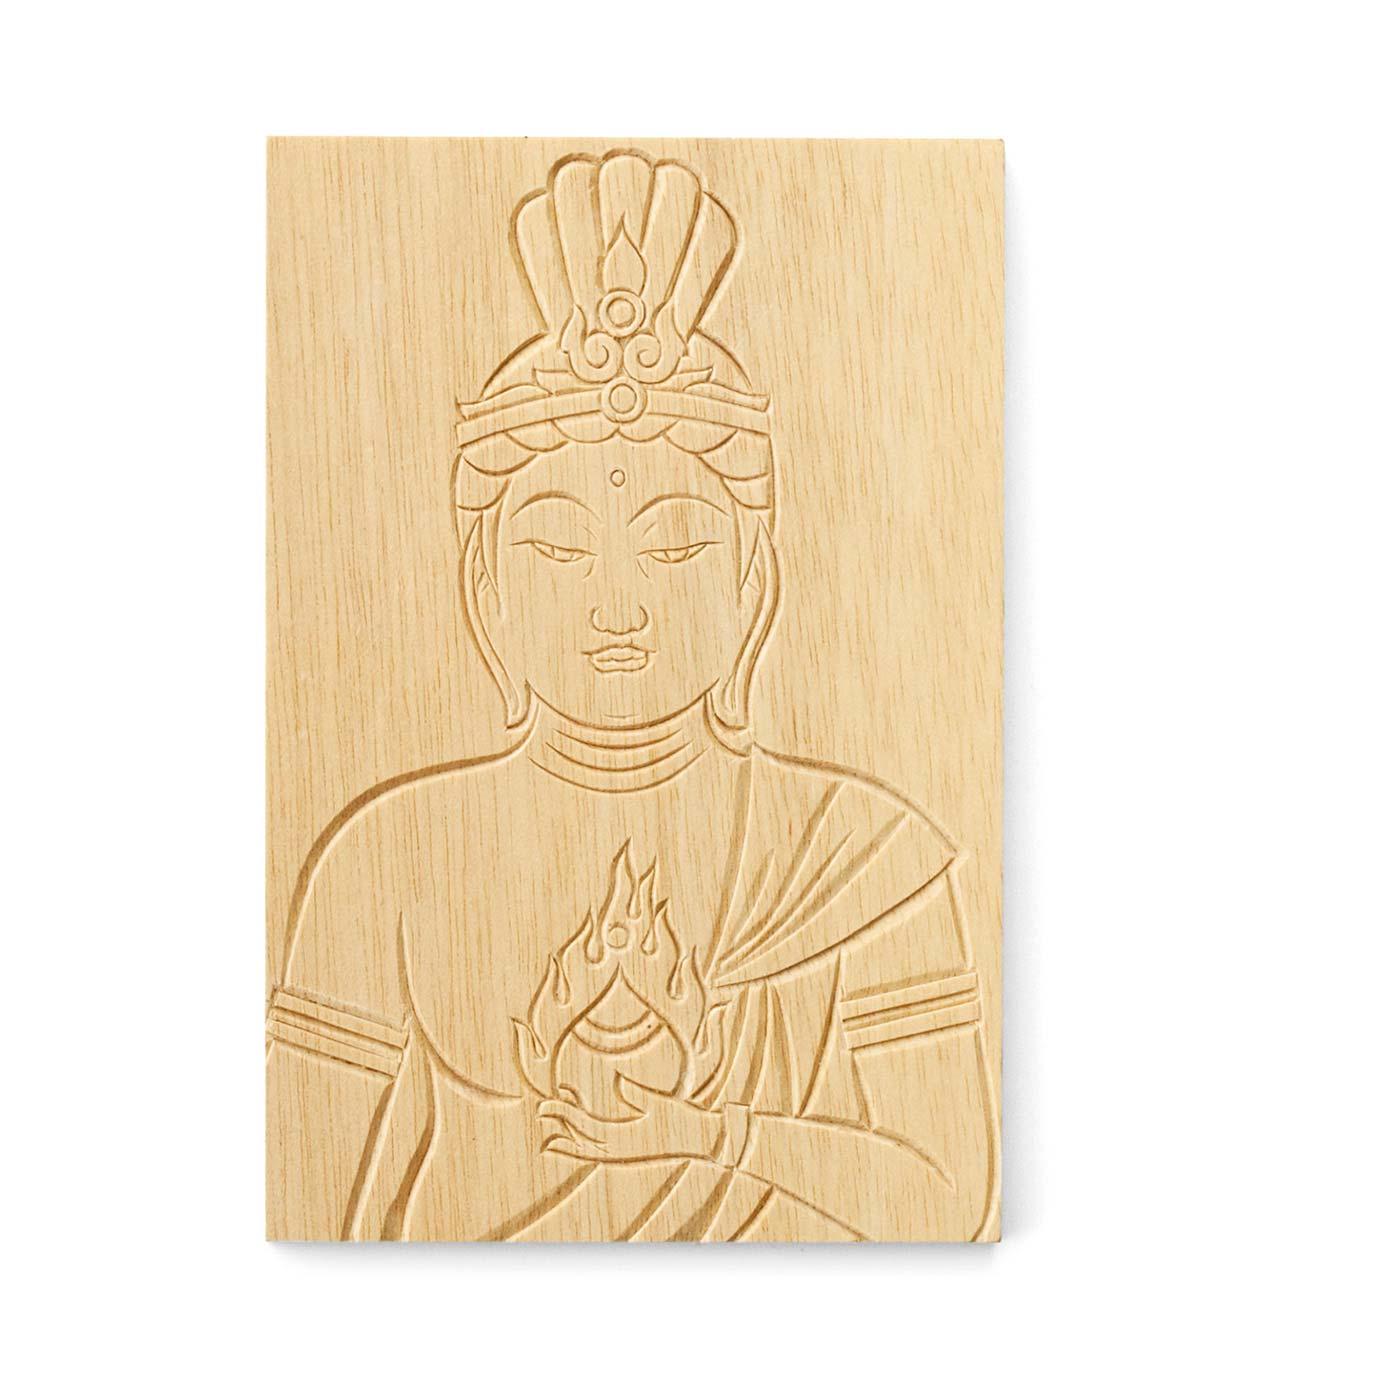 虚空蔵(こくうぞう)菩薩 福徳と智恵の菩薩さま